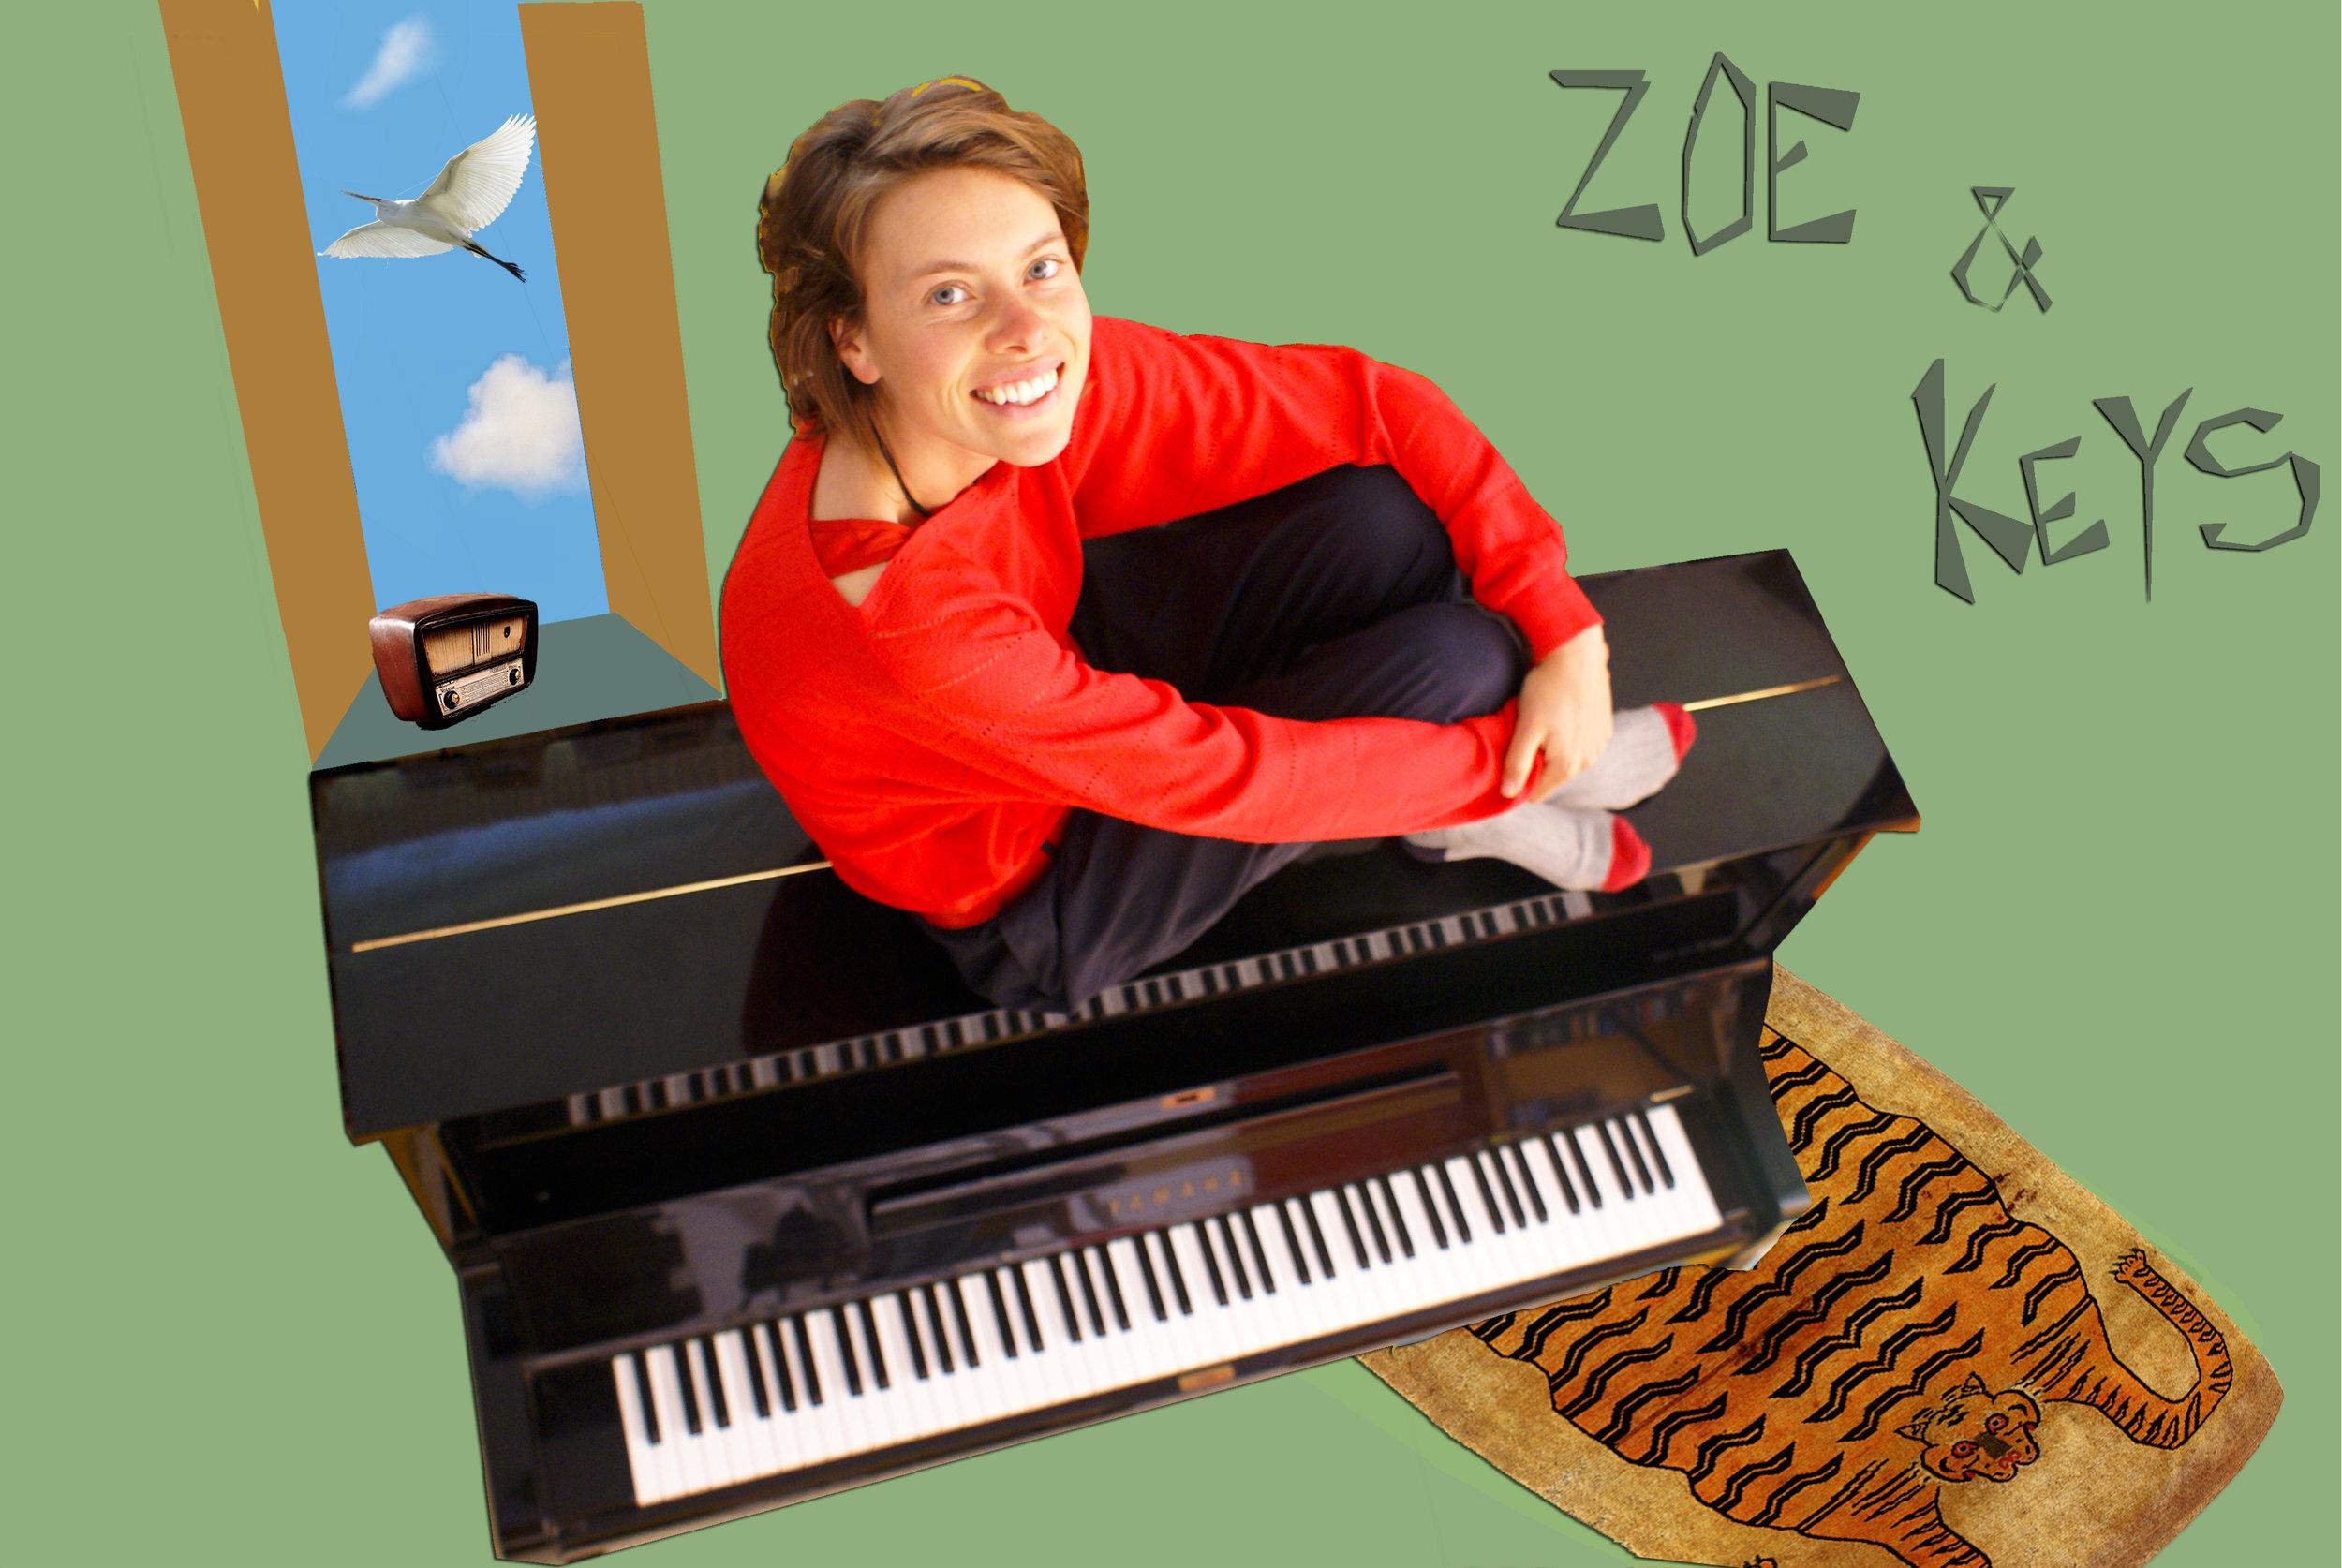 zoe+n'+keys+5.jpg